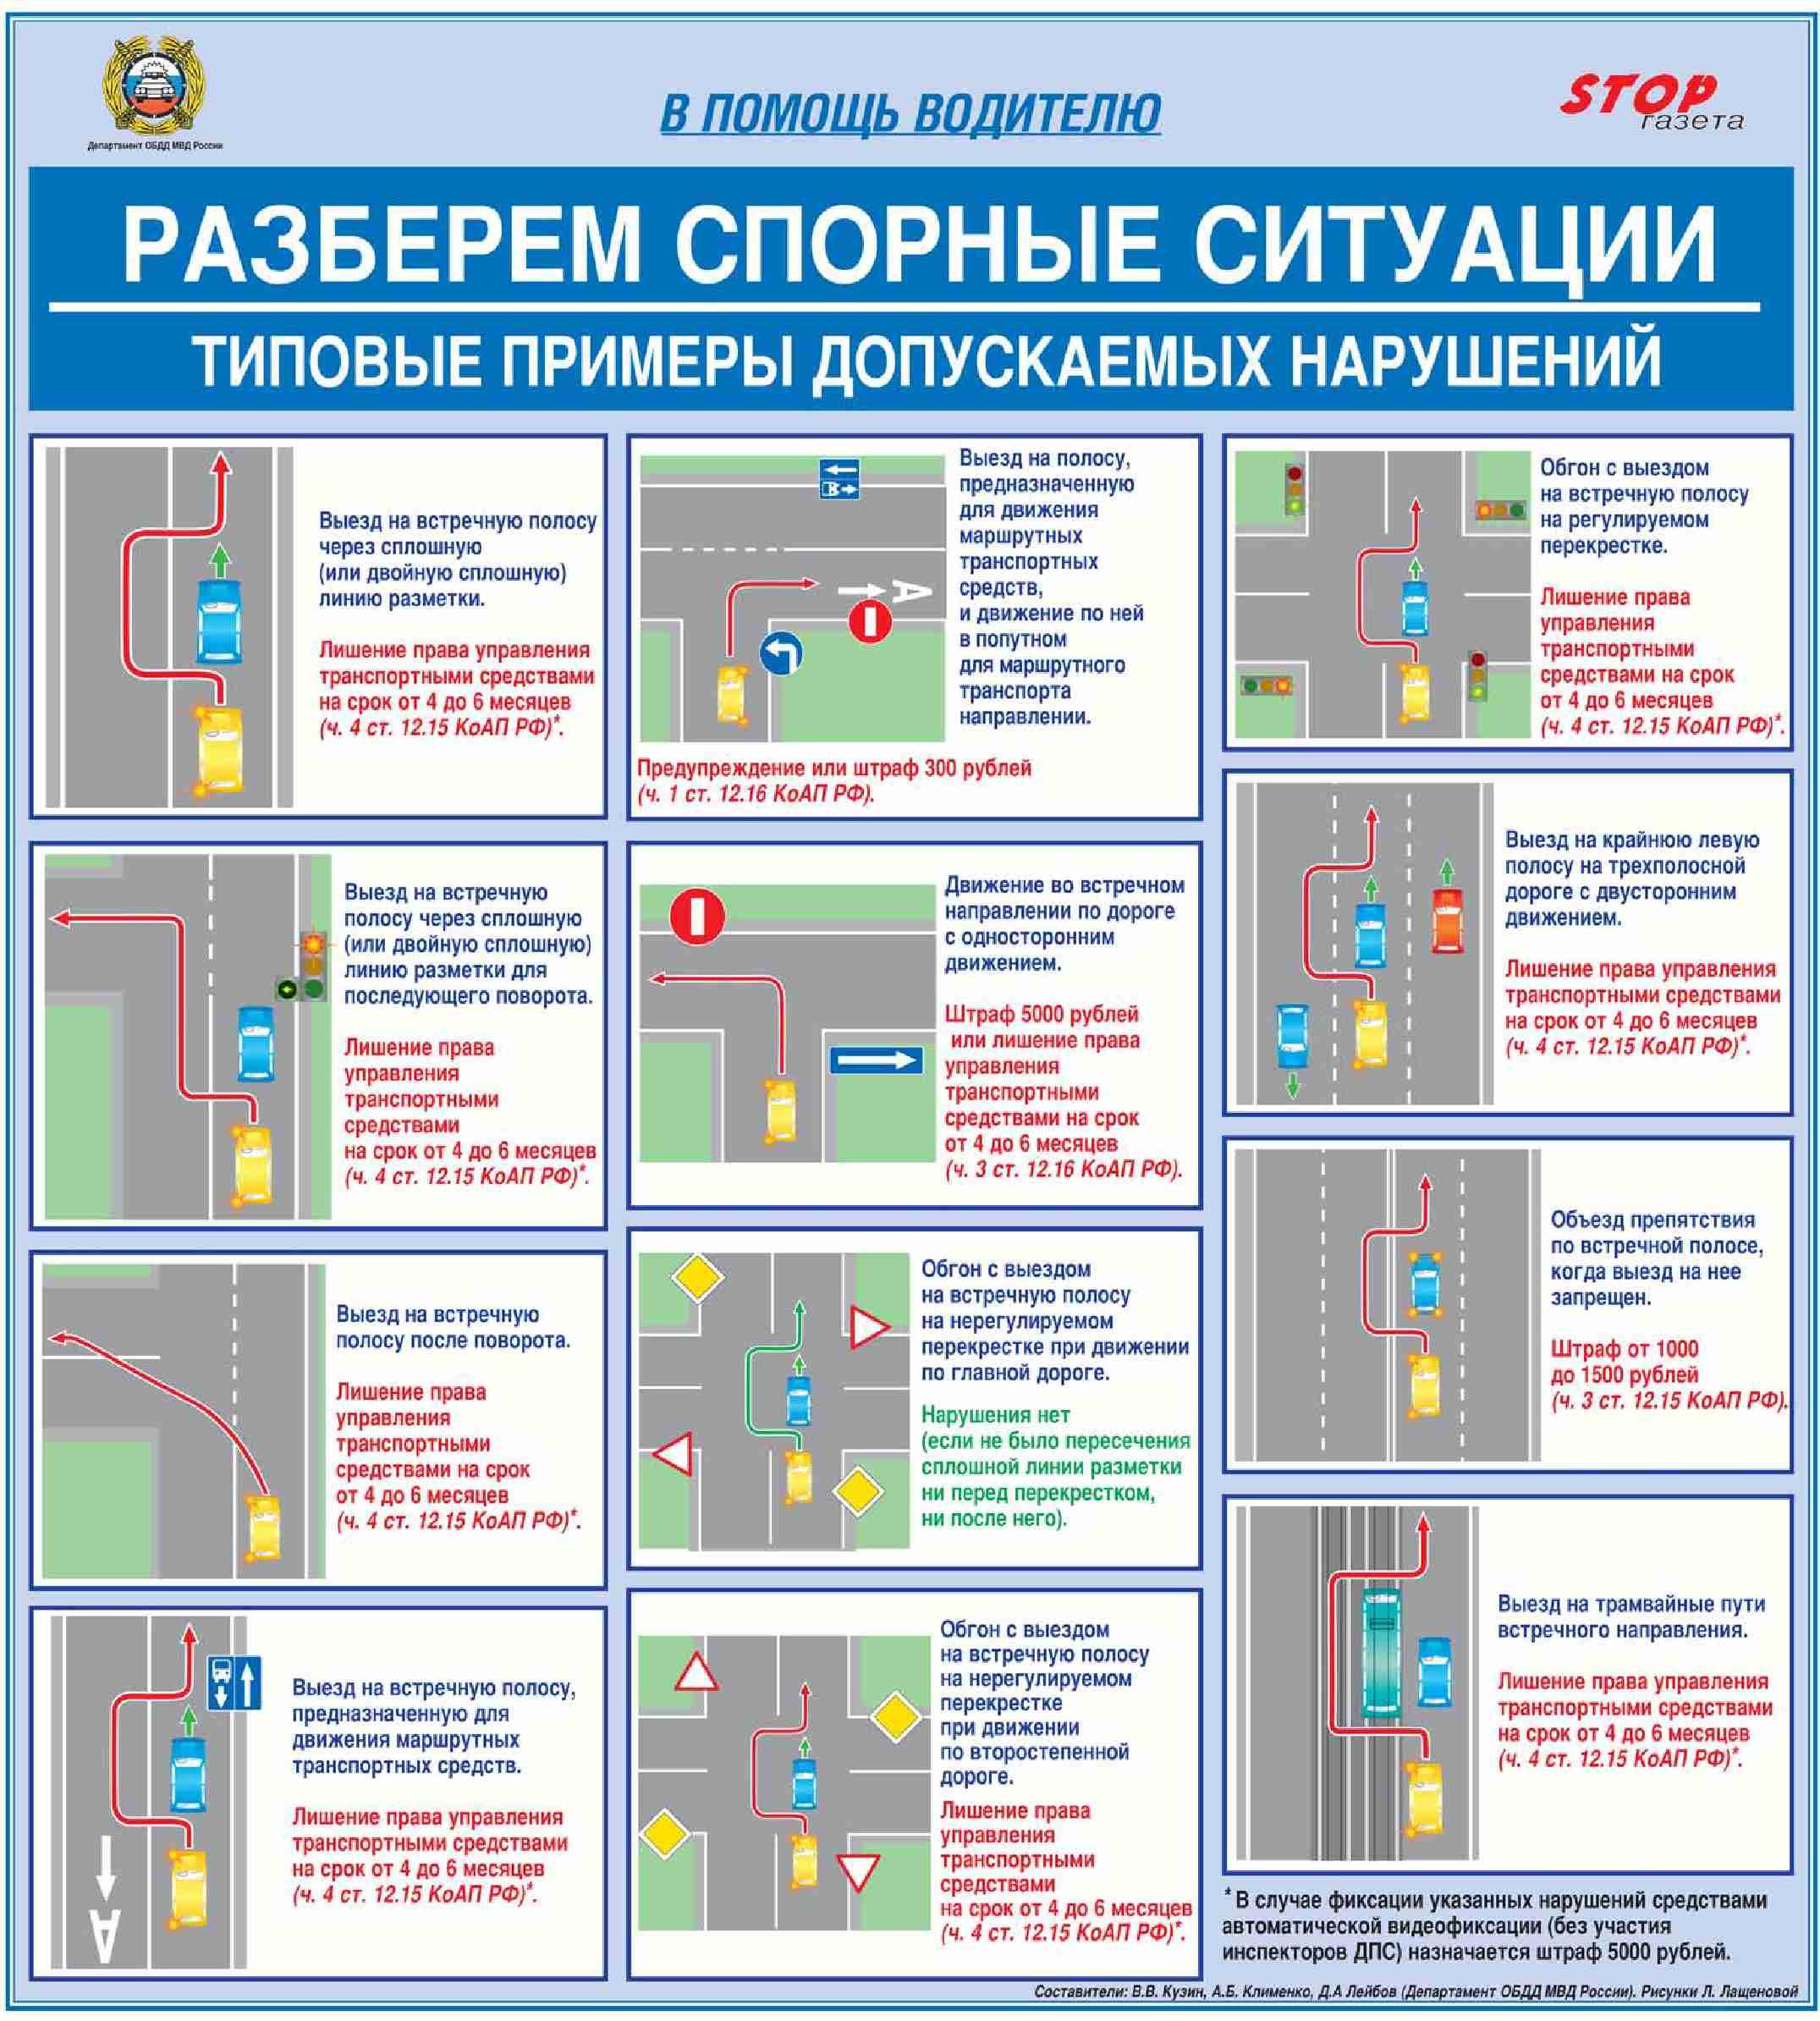 пдд украины 2016 с комментариями и иллюстрациями